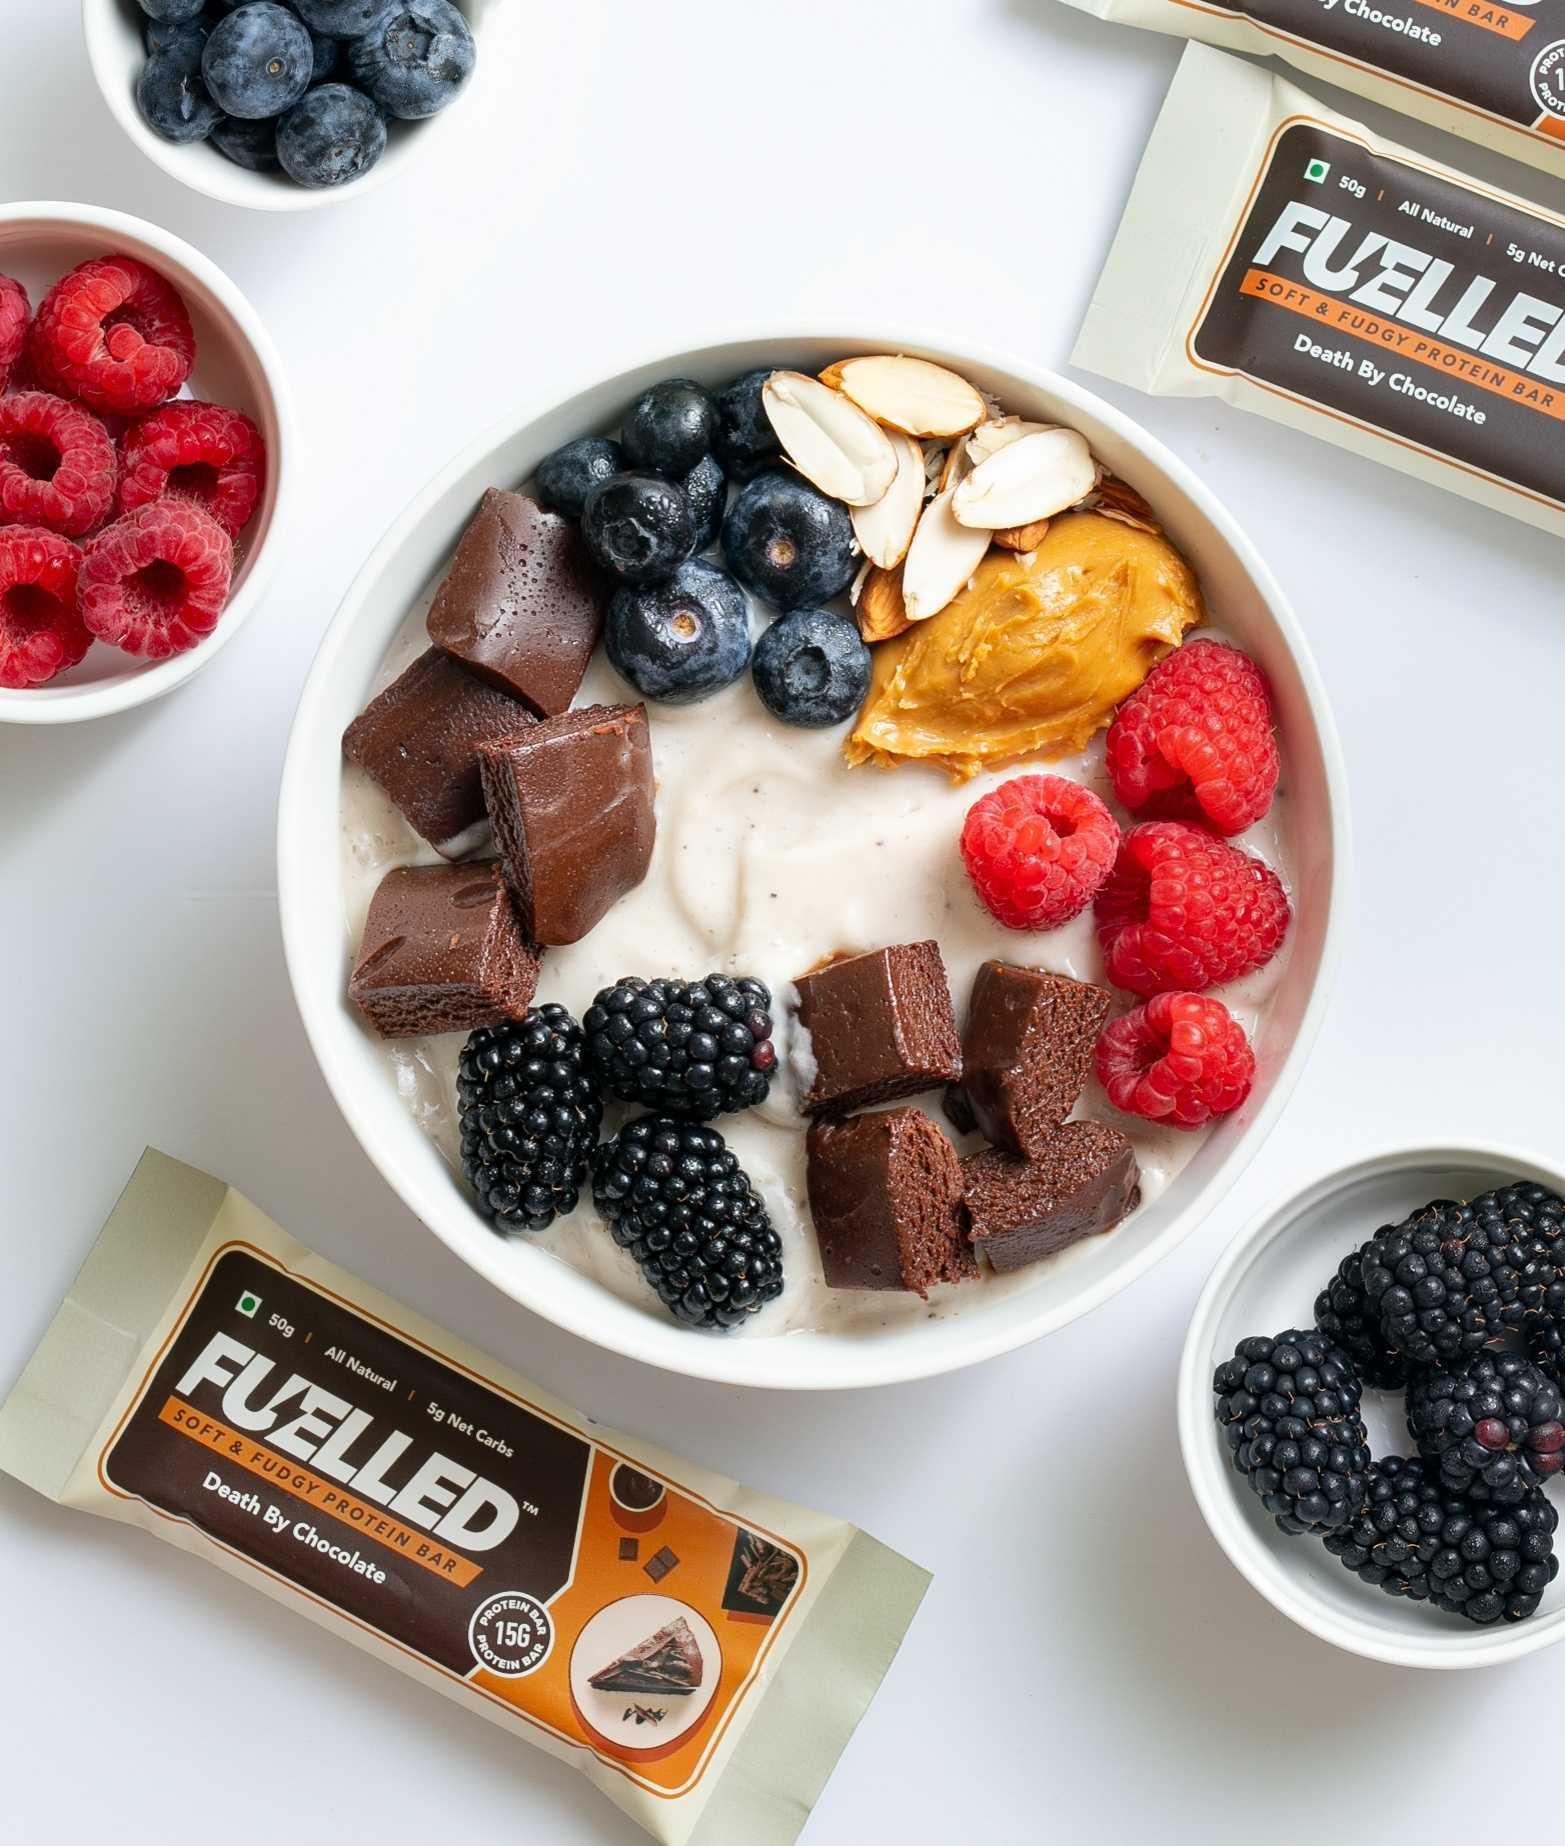 Berrylicious-PB-Chocolate-Smoothie